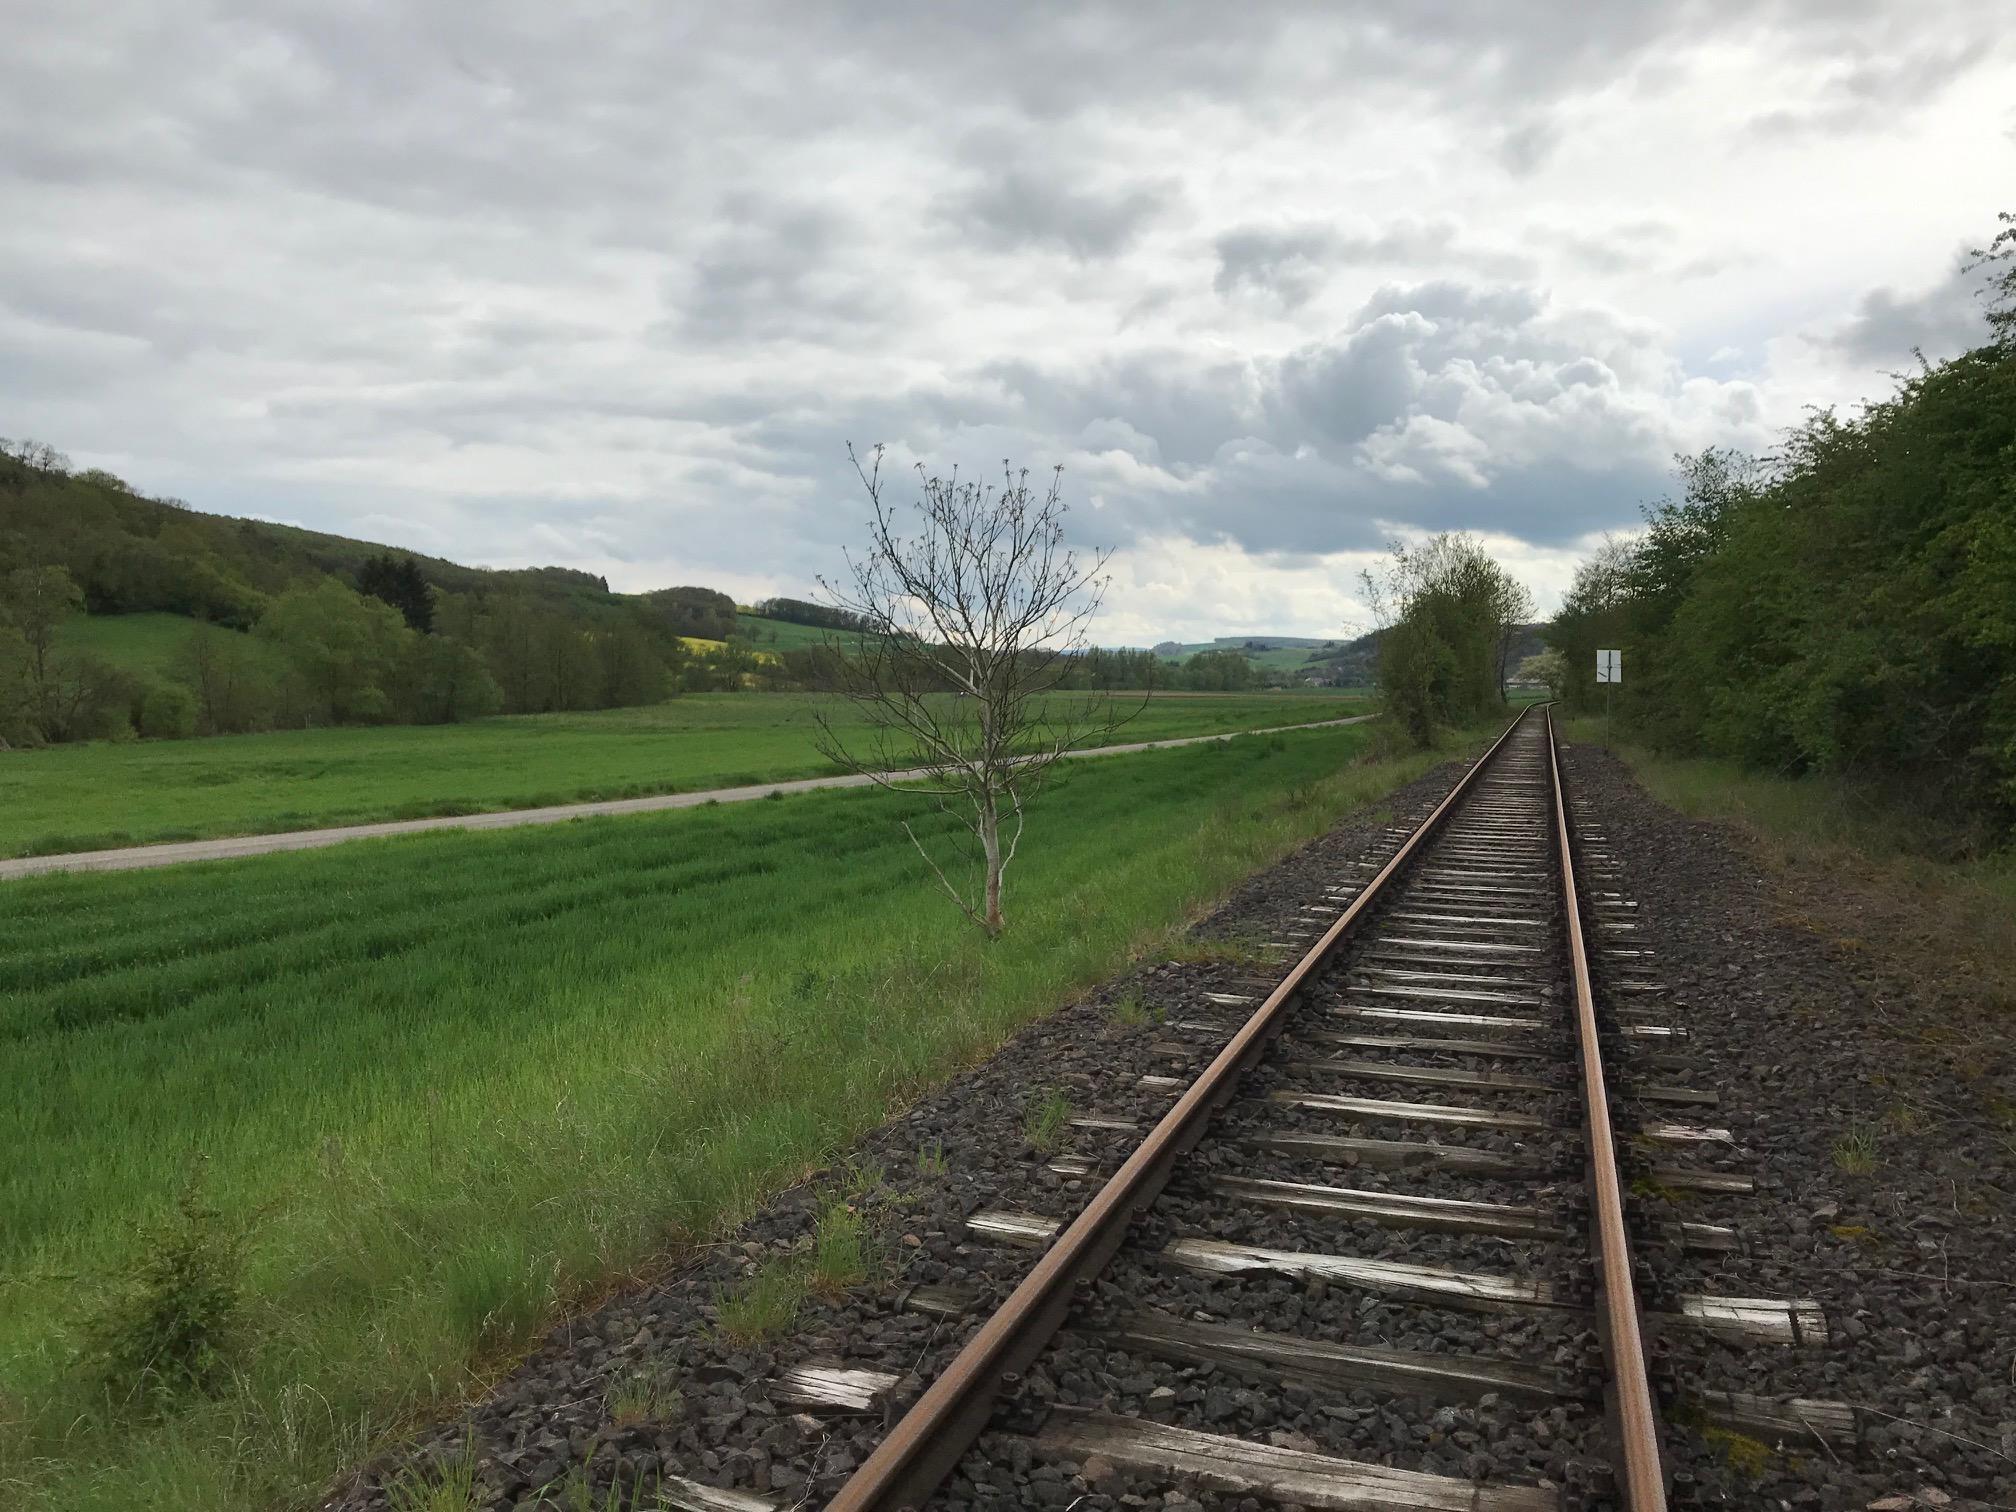 ferienwohnung-im-tal-meisenheim-Raumbach-Draisine